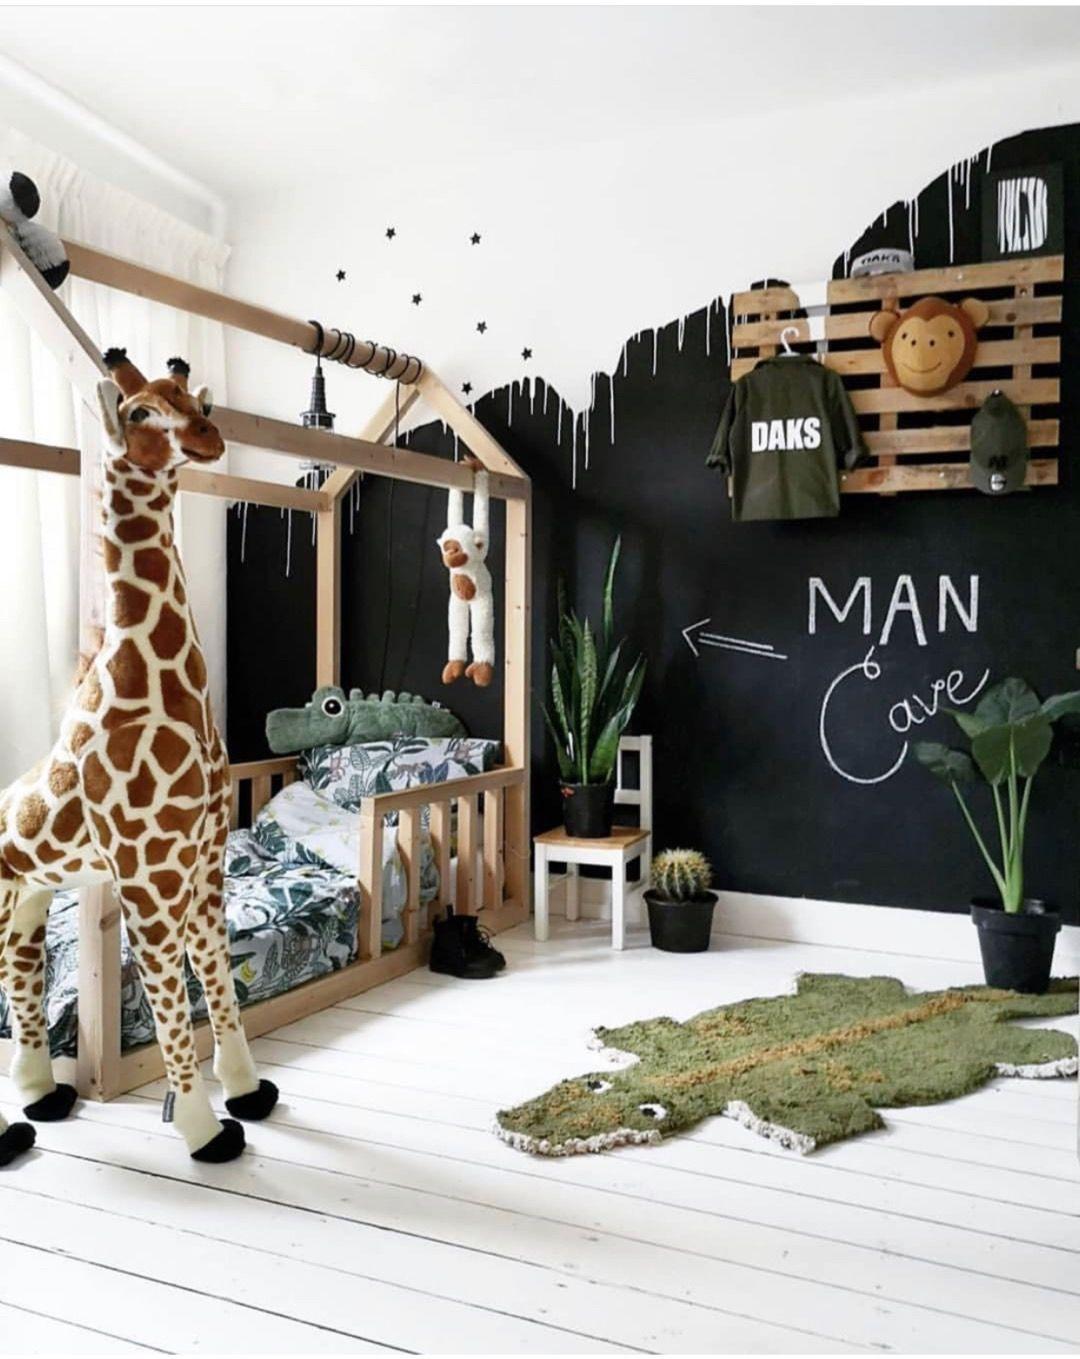 Little Man Cave Boy Toddler Bedroom Cool Kids Rooms Toddler Rooms Toddler jungle bedroom ideas